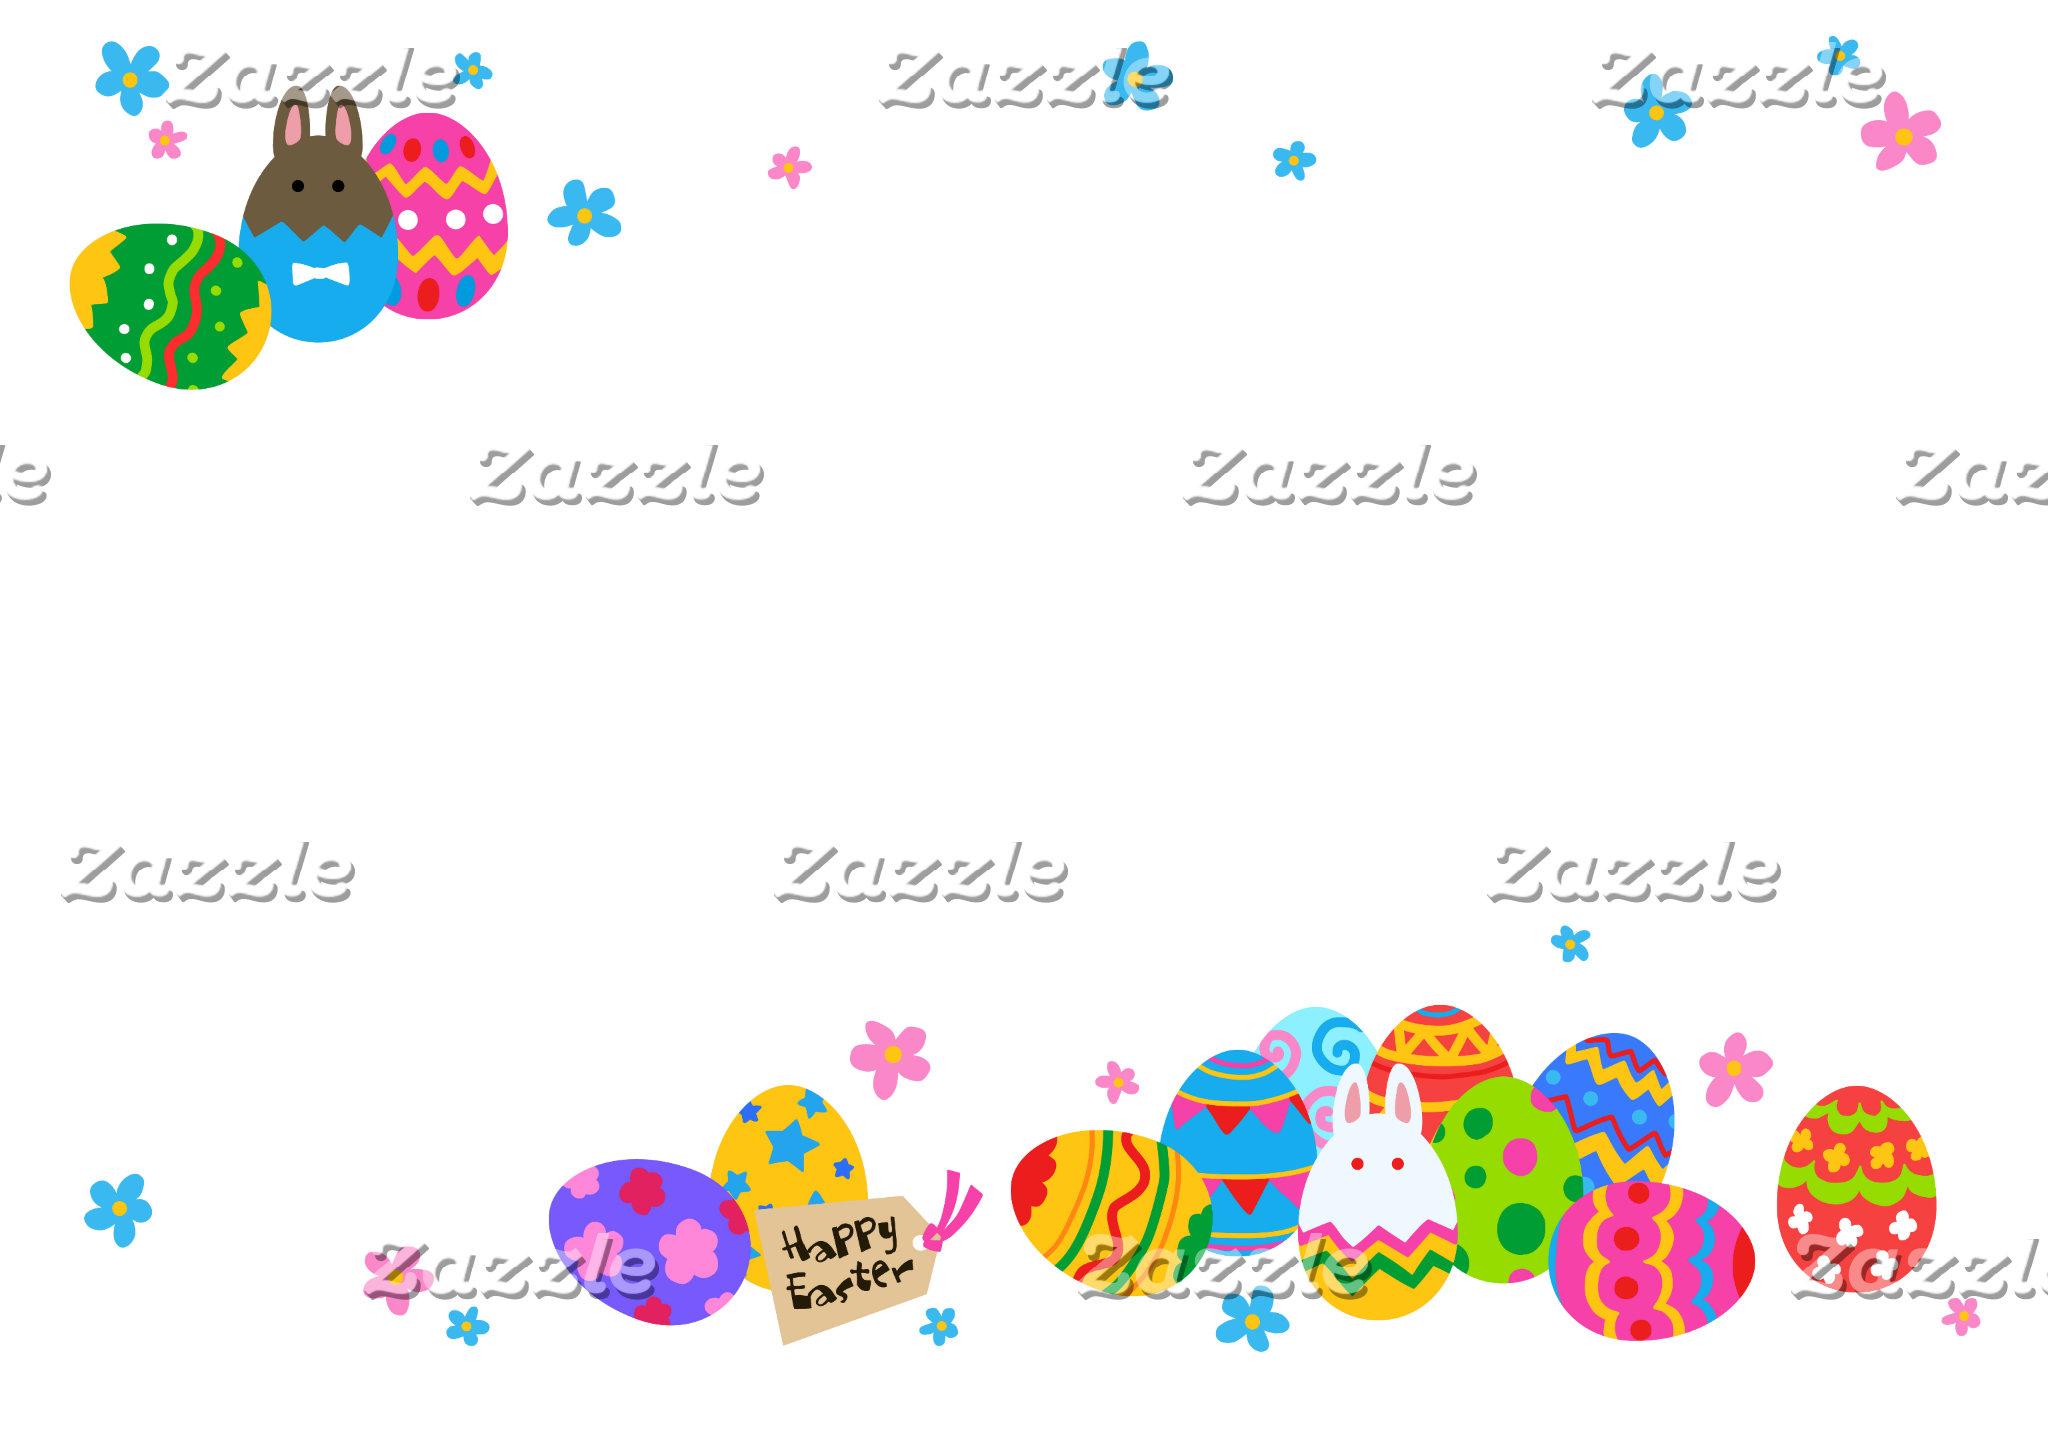 【イースターエッグとうさぎ 重なり】 Easter Eggs & Rabbits